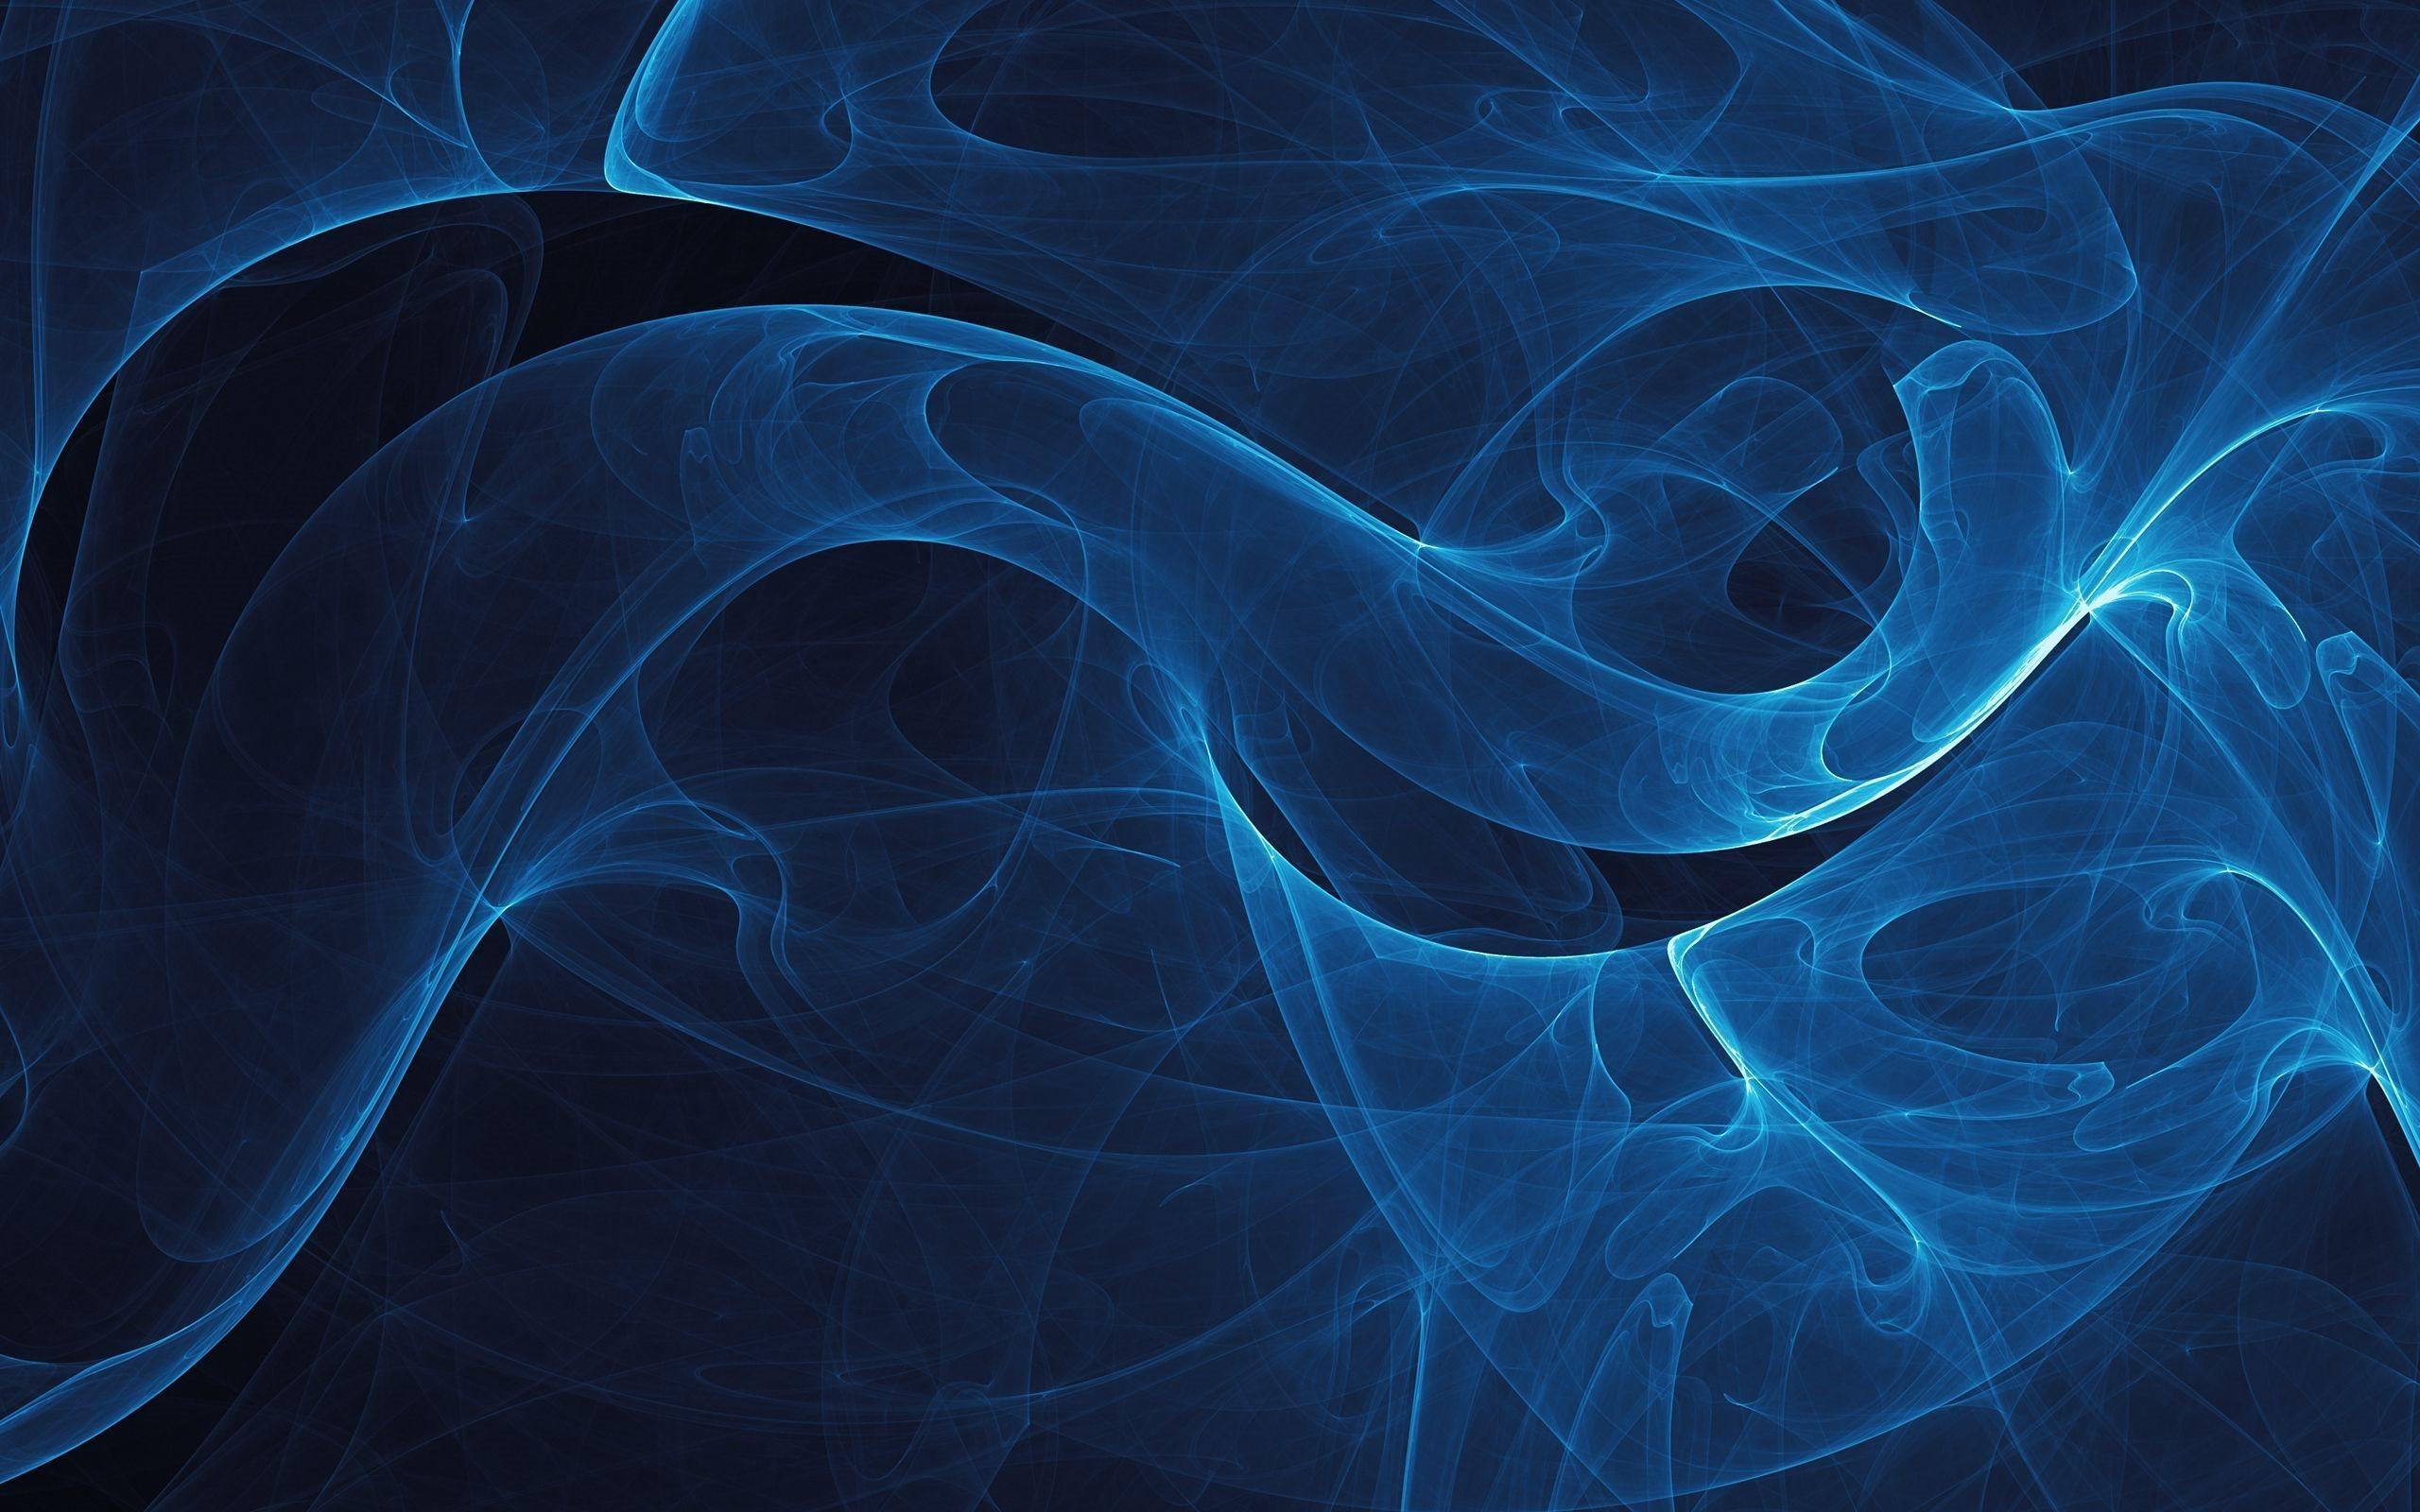 بالصور خلفية زرقاء , ارق و اجمل خلفيات زرقاء 763 10